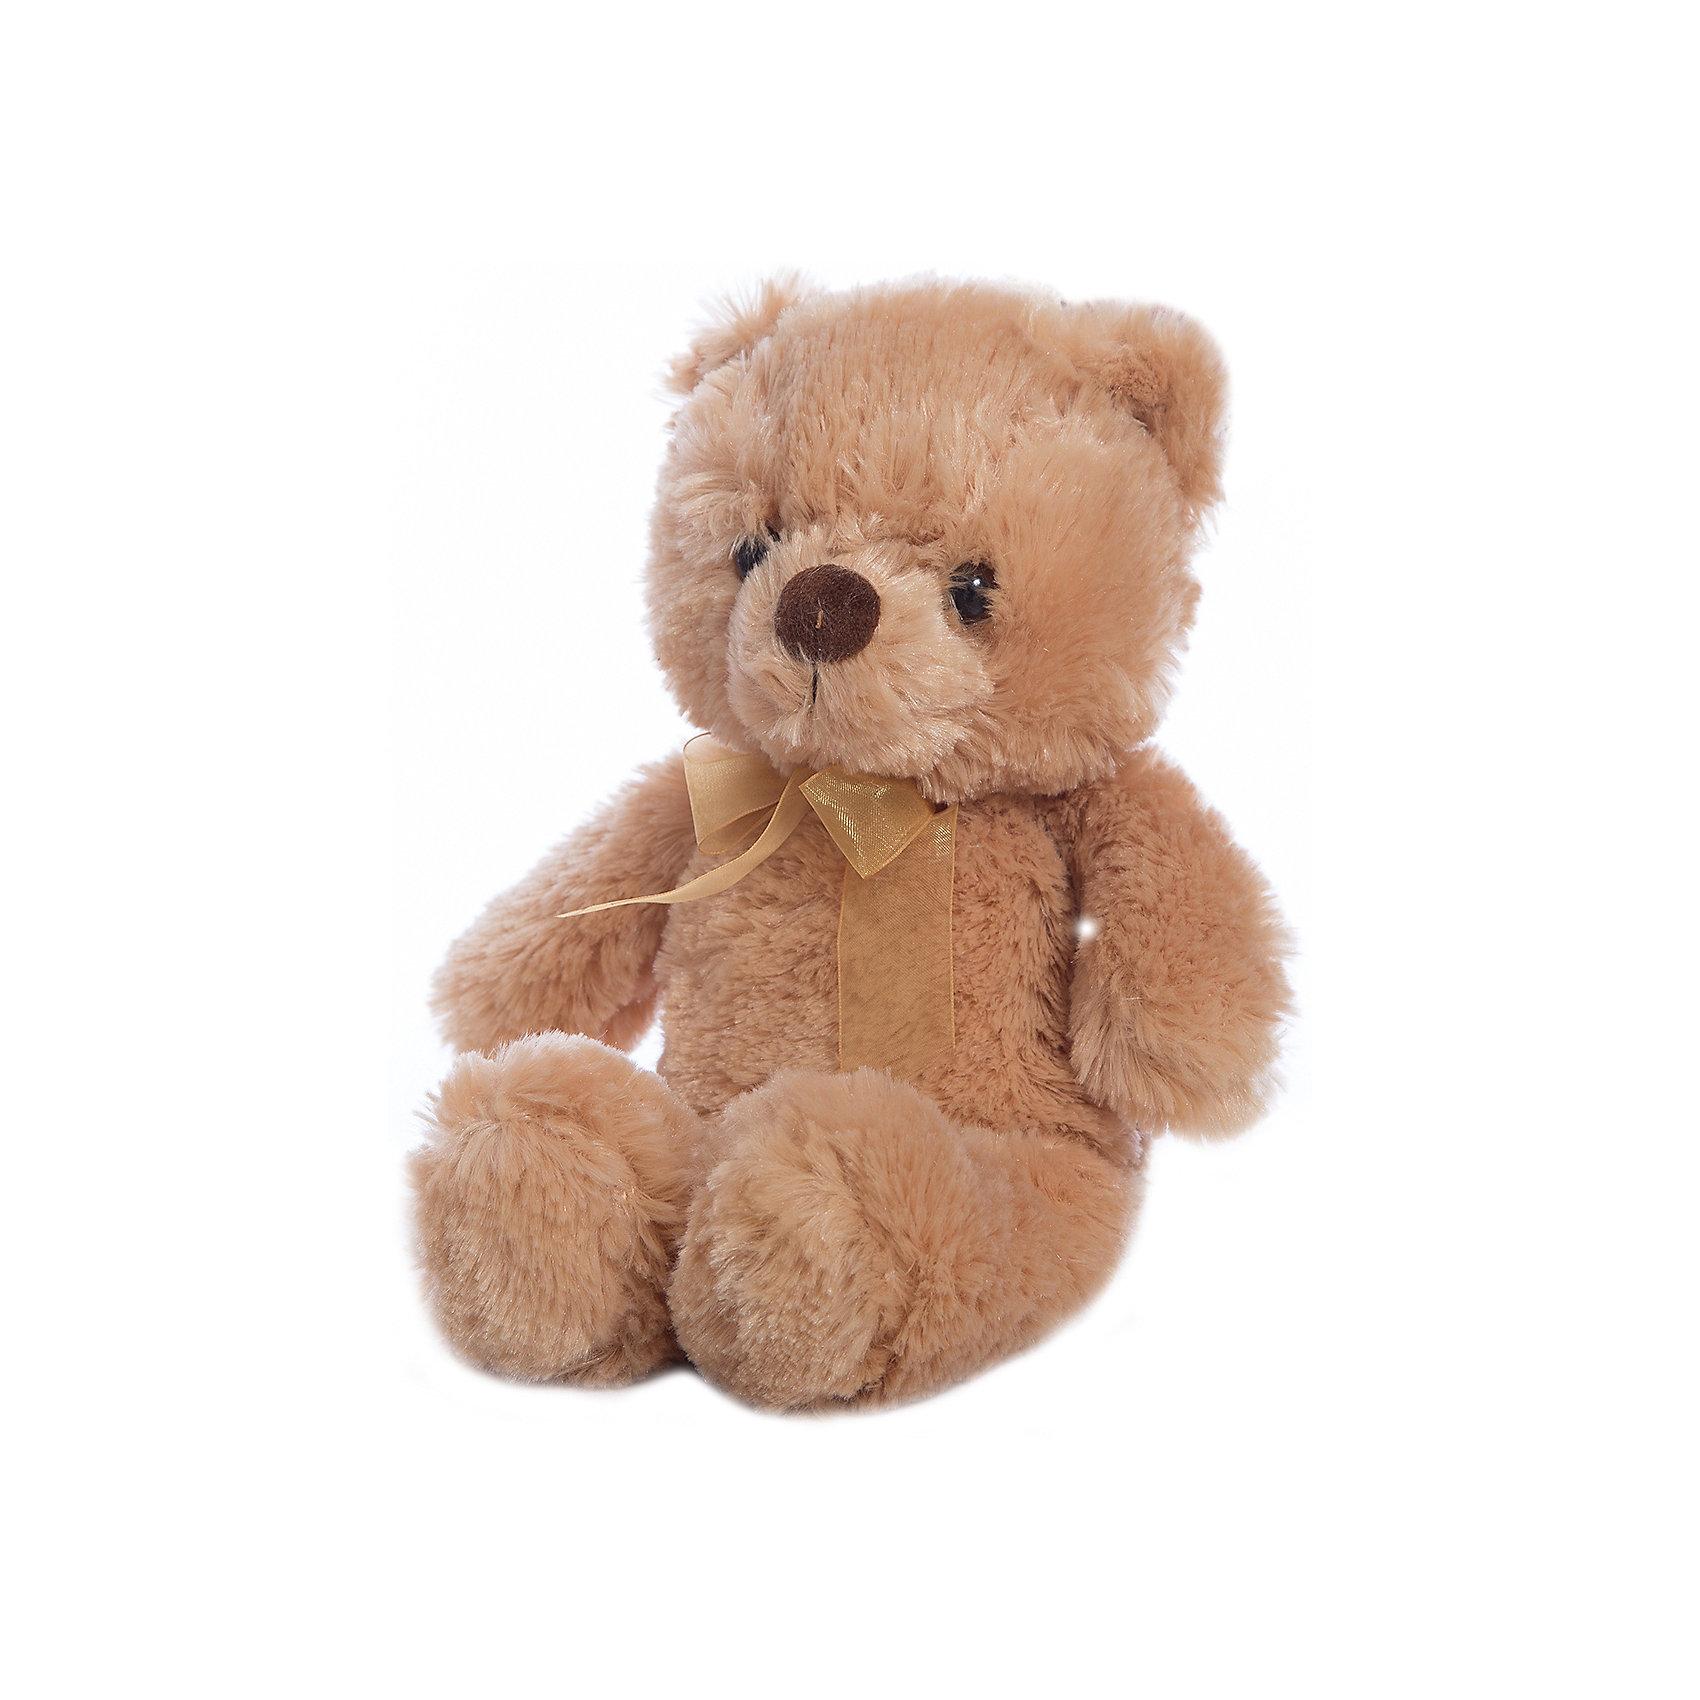 Мягкая игрушка Медведь, 32 см, AURORAМедвежата<br>Милый плюшевый мишка станет любимой игрушкой Вашего ребенка, ведь он невероятно мягкий и красивый!<br><br>Дополнительная информация:<br><br>- Возраст: от 3 лет.<br>- Материал: 100% плюш.<br>- Цвет: коричневый.<br>- Высота игрушки: 32 см.<br><br>Купить игрушку Медведя можно в нашем магазине.<br><br>Ширина мм: 110<br>Глубина мм: 120<br>Высота мм: 150<br>Вес г: 185<br>Возраст от месяцев: 36<br>Возраст до месяцев: 120<br>Пол: Унисекс<br>Возраст: Детский<br>SKU: 4929022